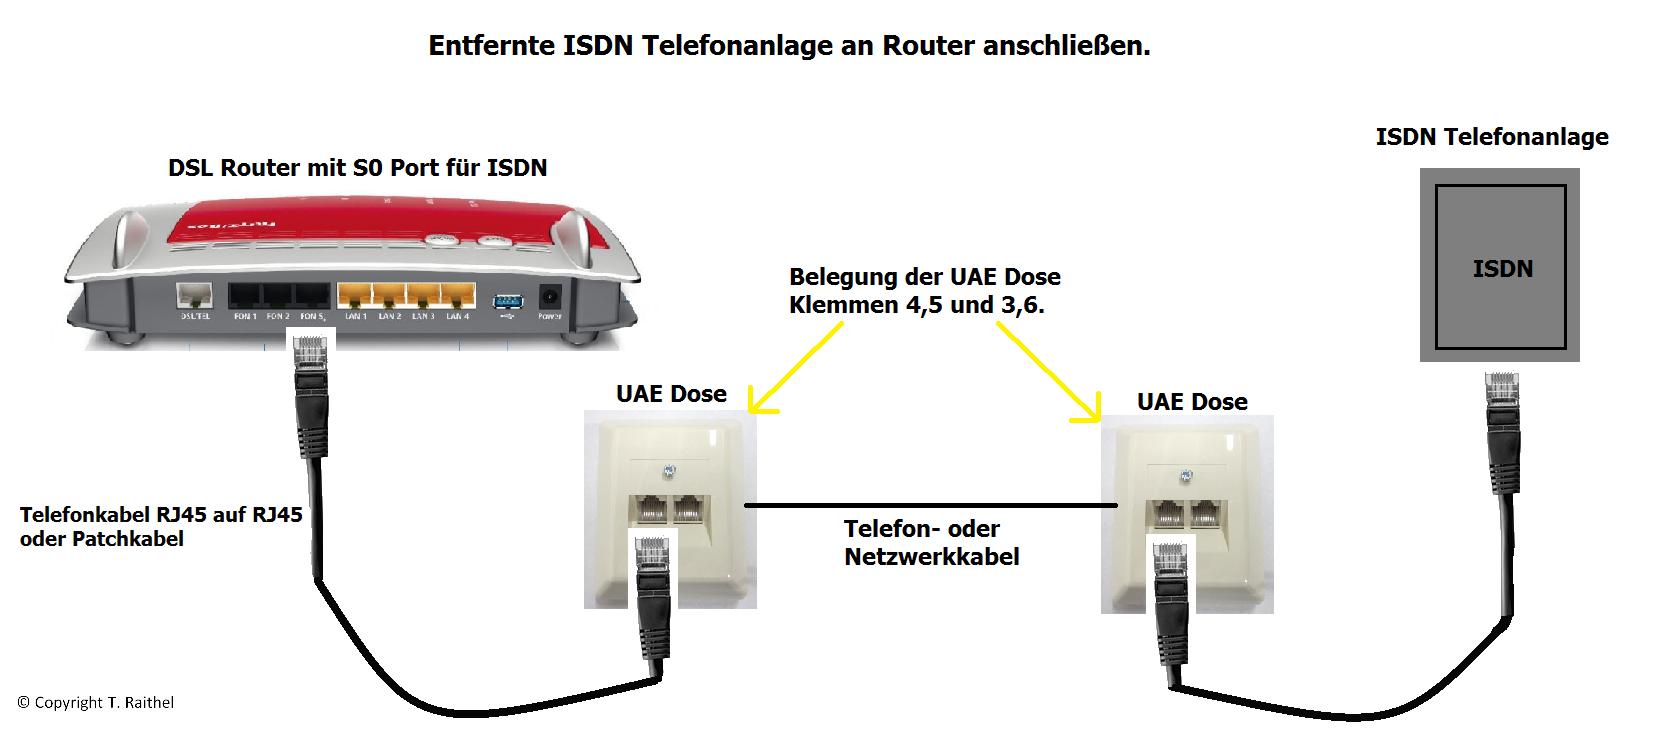 dsl router anschliessen isdn anlage  router anschliessen